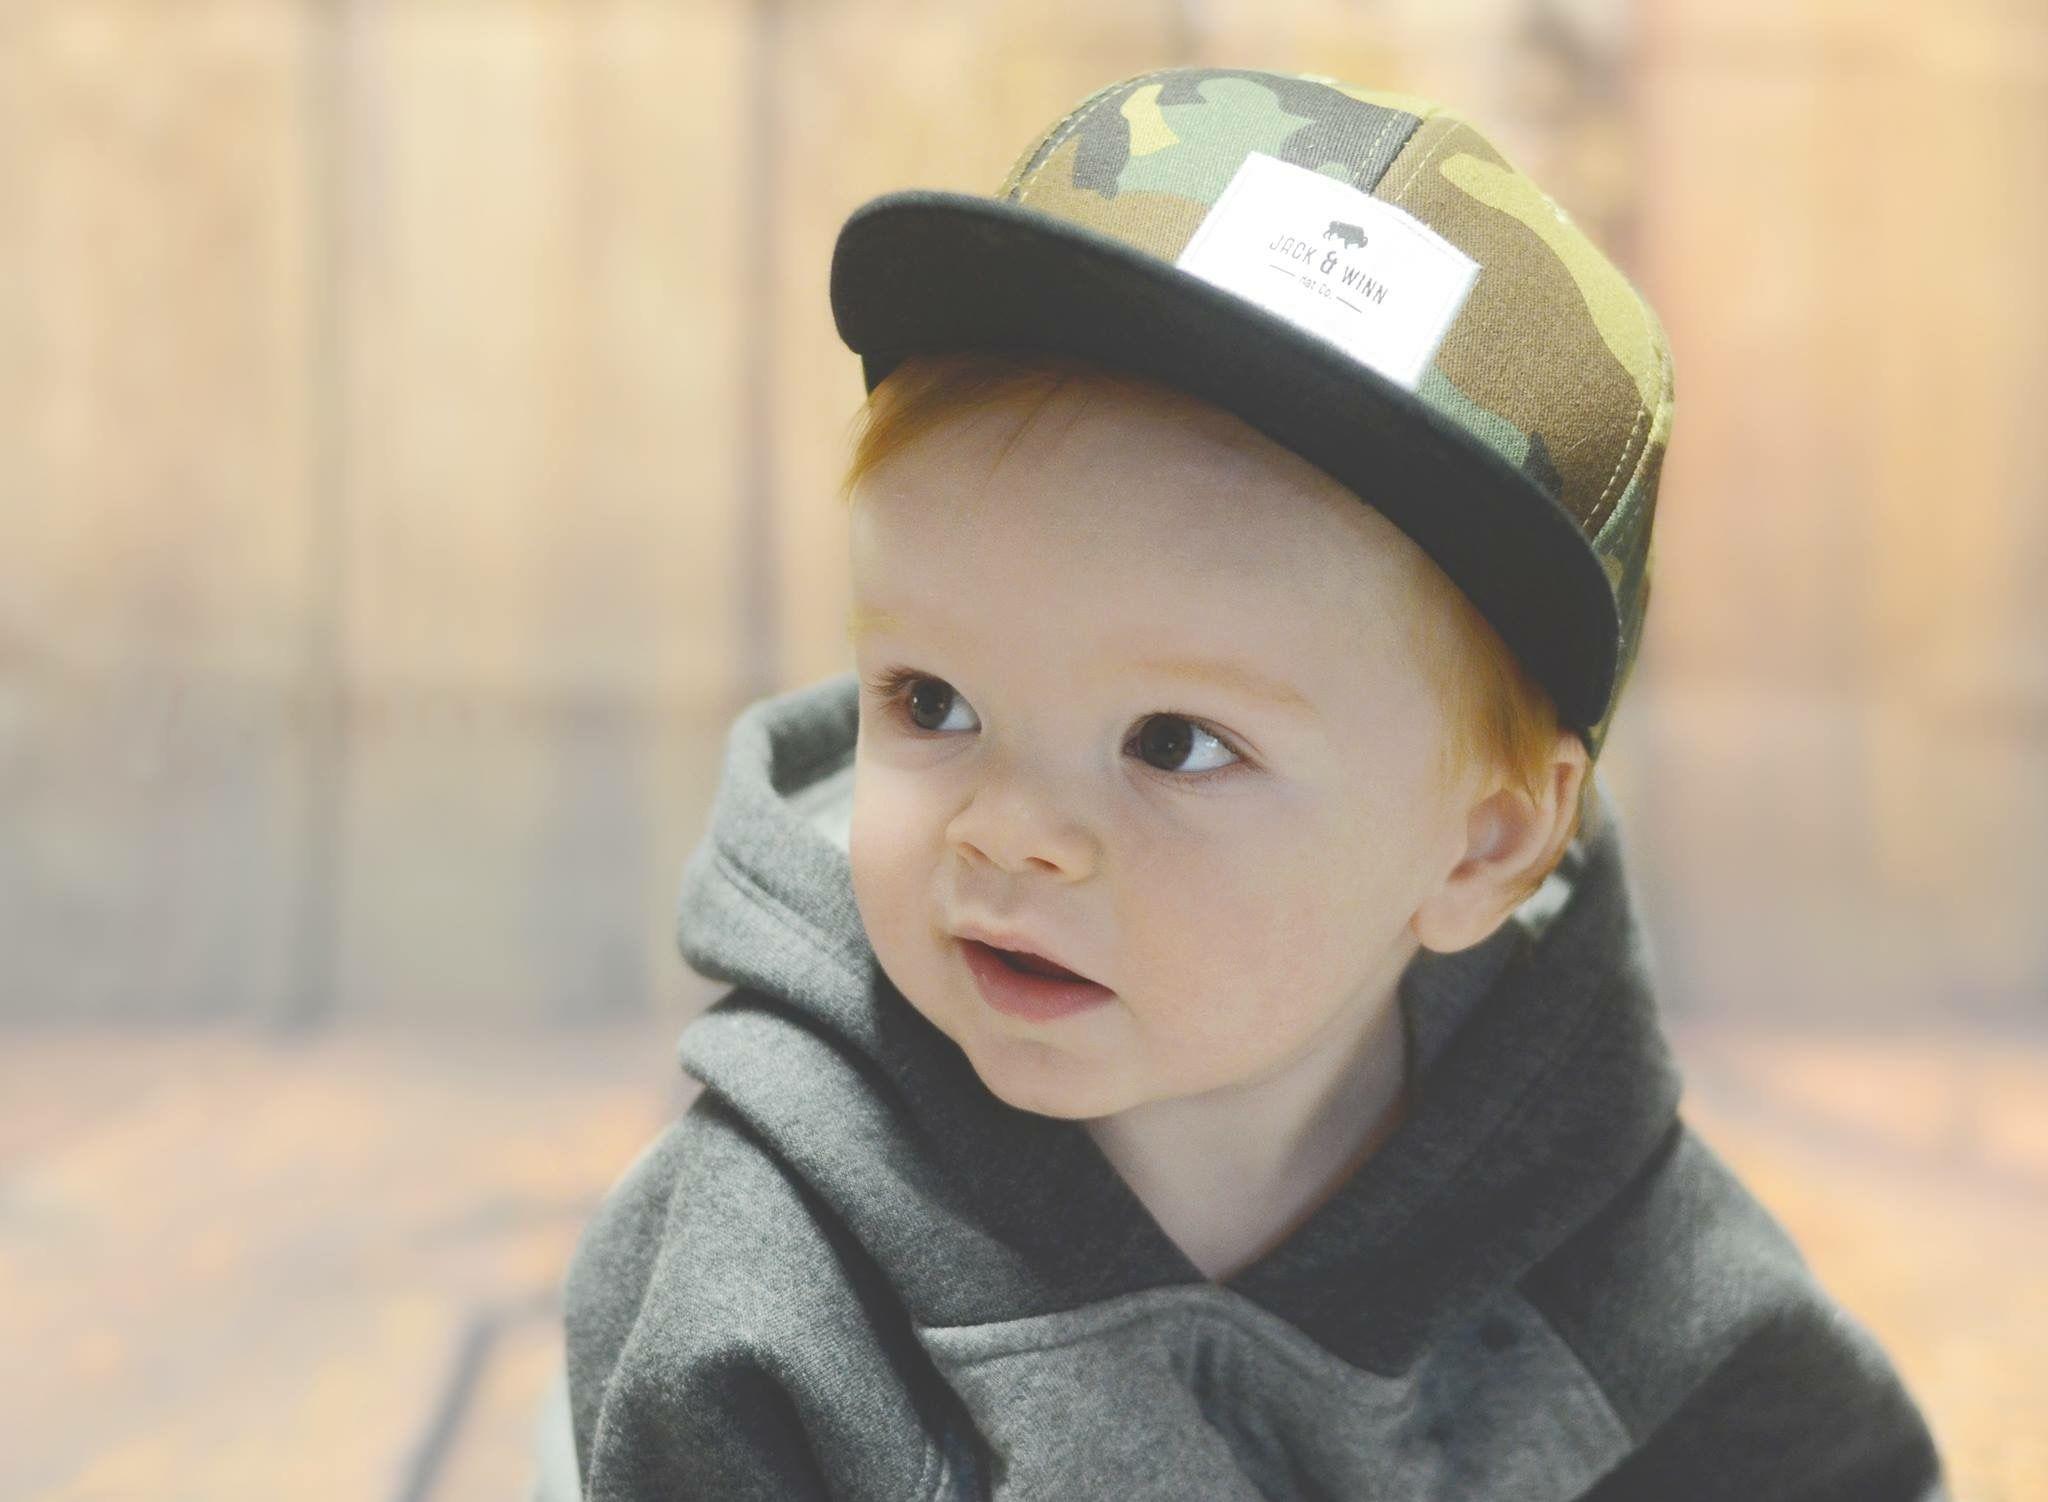 b0e870298 Toddler boy fashion. Toddler SnapBack hat | Toddler fashion ...